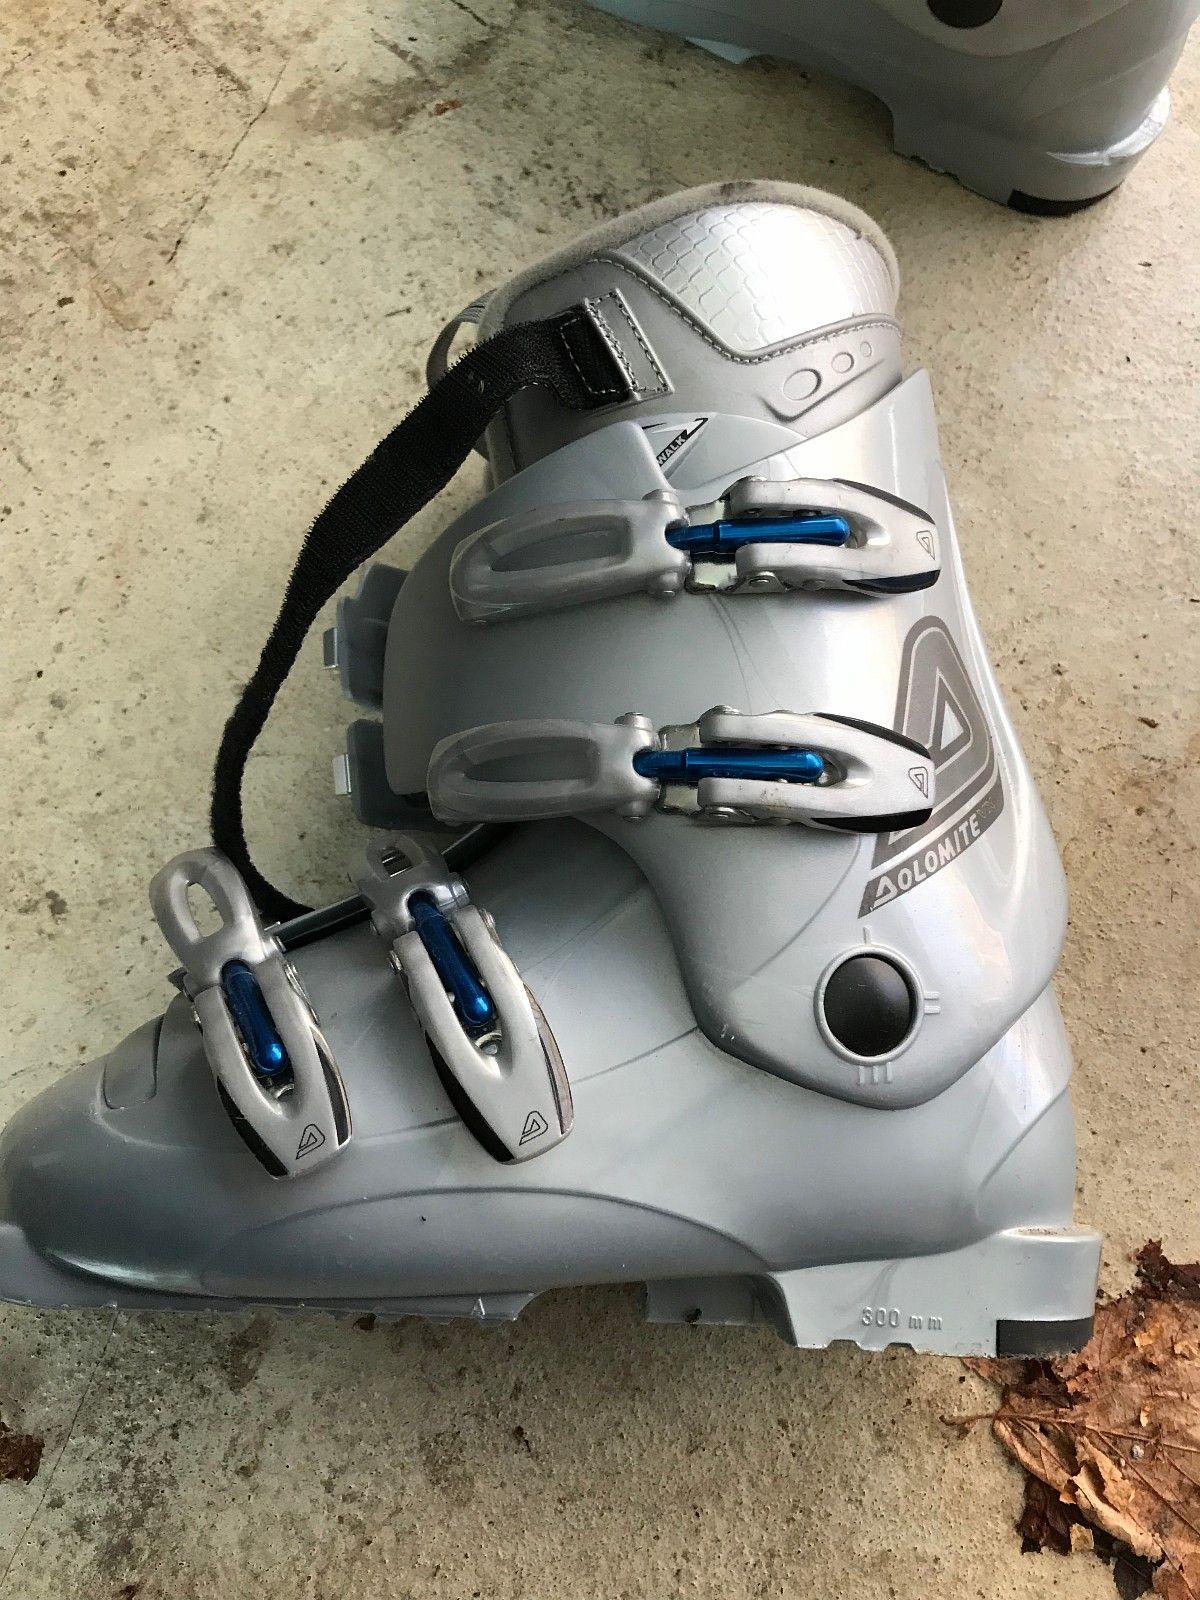 Alpin Slalom støvler selges 300 mm - Slependen  - Alpin støvler selges! 300 mm. - Slependen